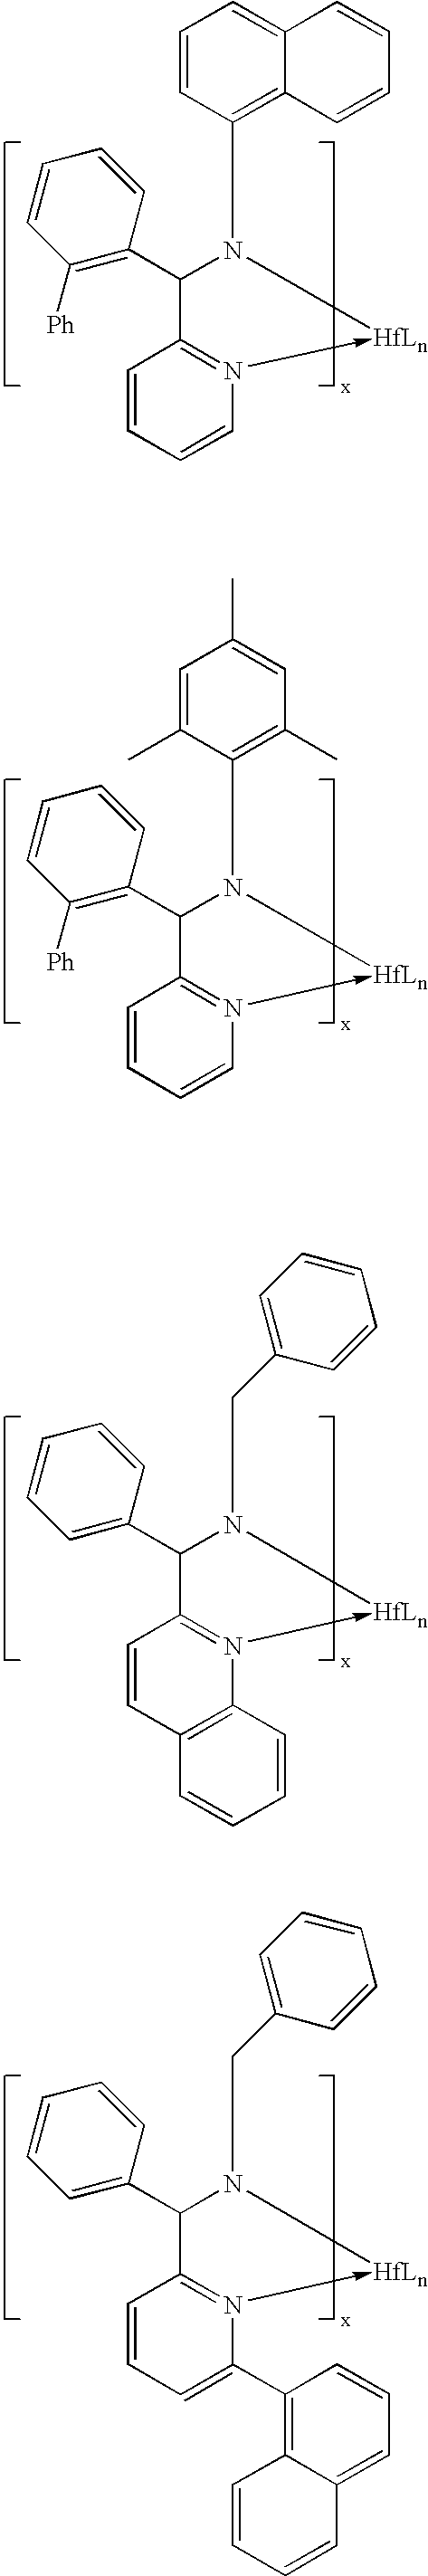 Figure US06919407-20050719-C00015